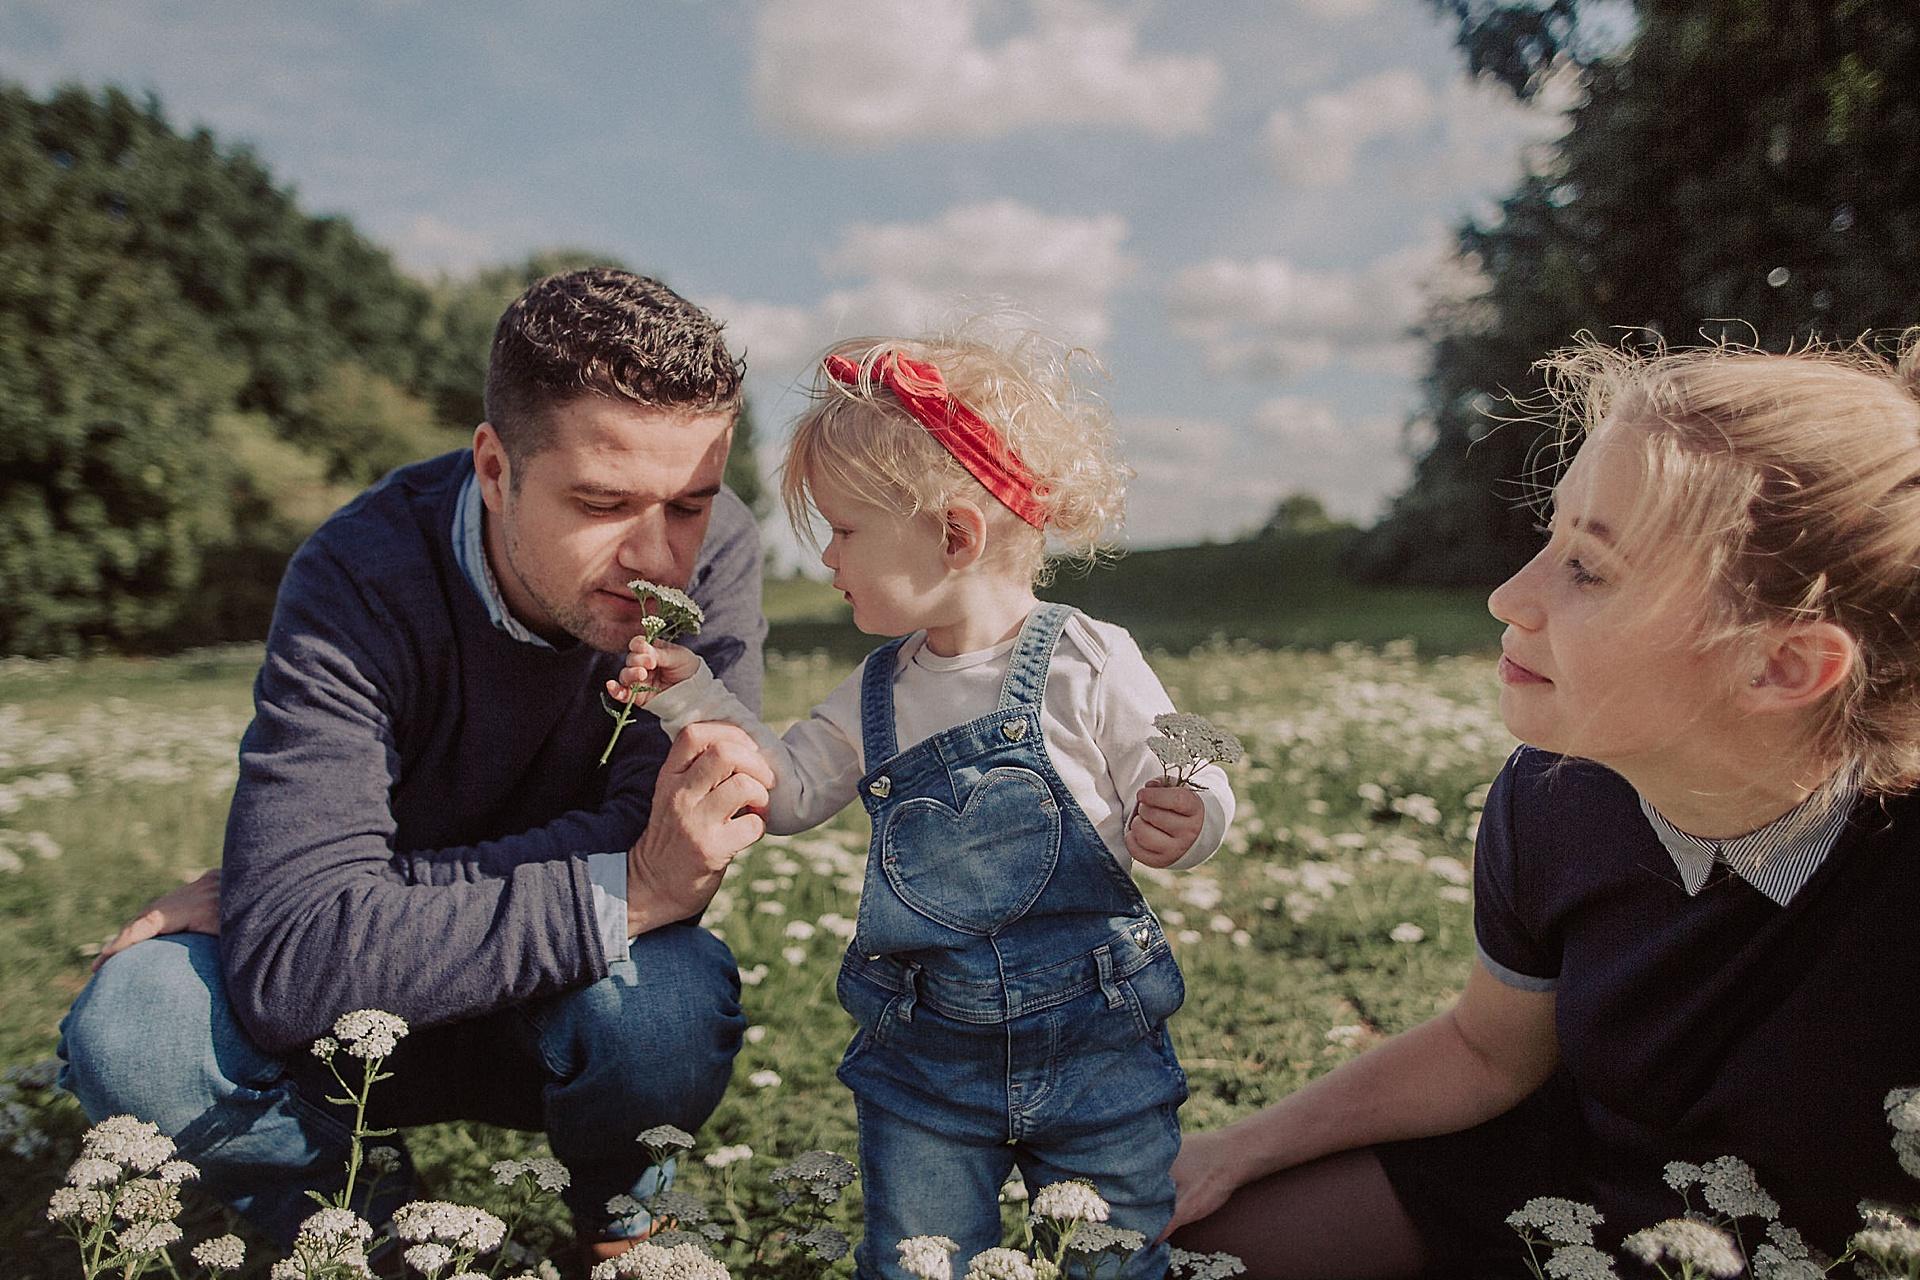 familienfotograf-familien-reportage-bremen-danielzube-familienfotografie_0016.jpg